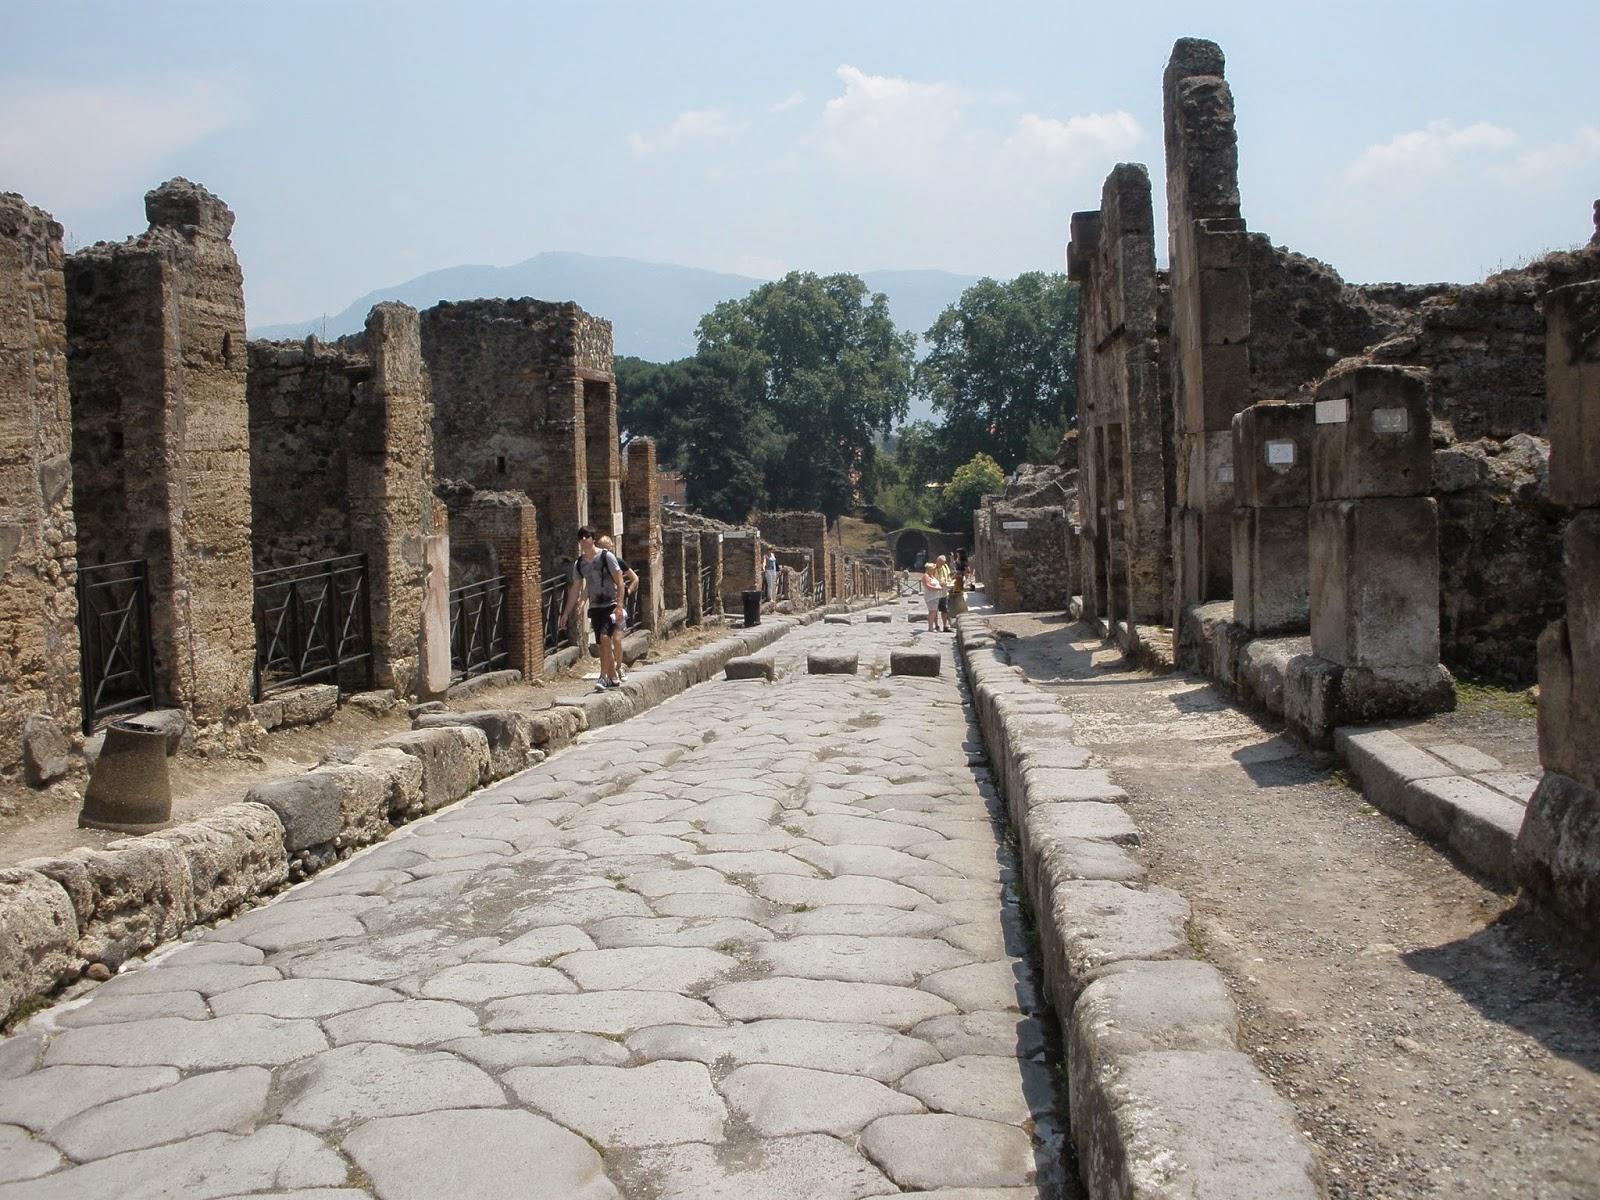 Las calles de Pompeya, por norma general, estaban inundadas de agua y porqueria, de ahí las piedras alzadas para poder pasar de un lado a otro.